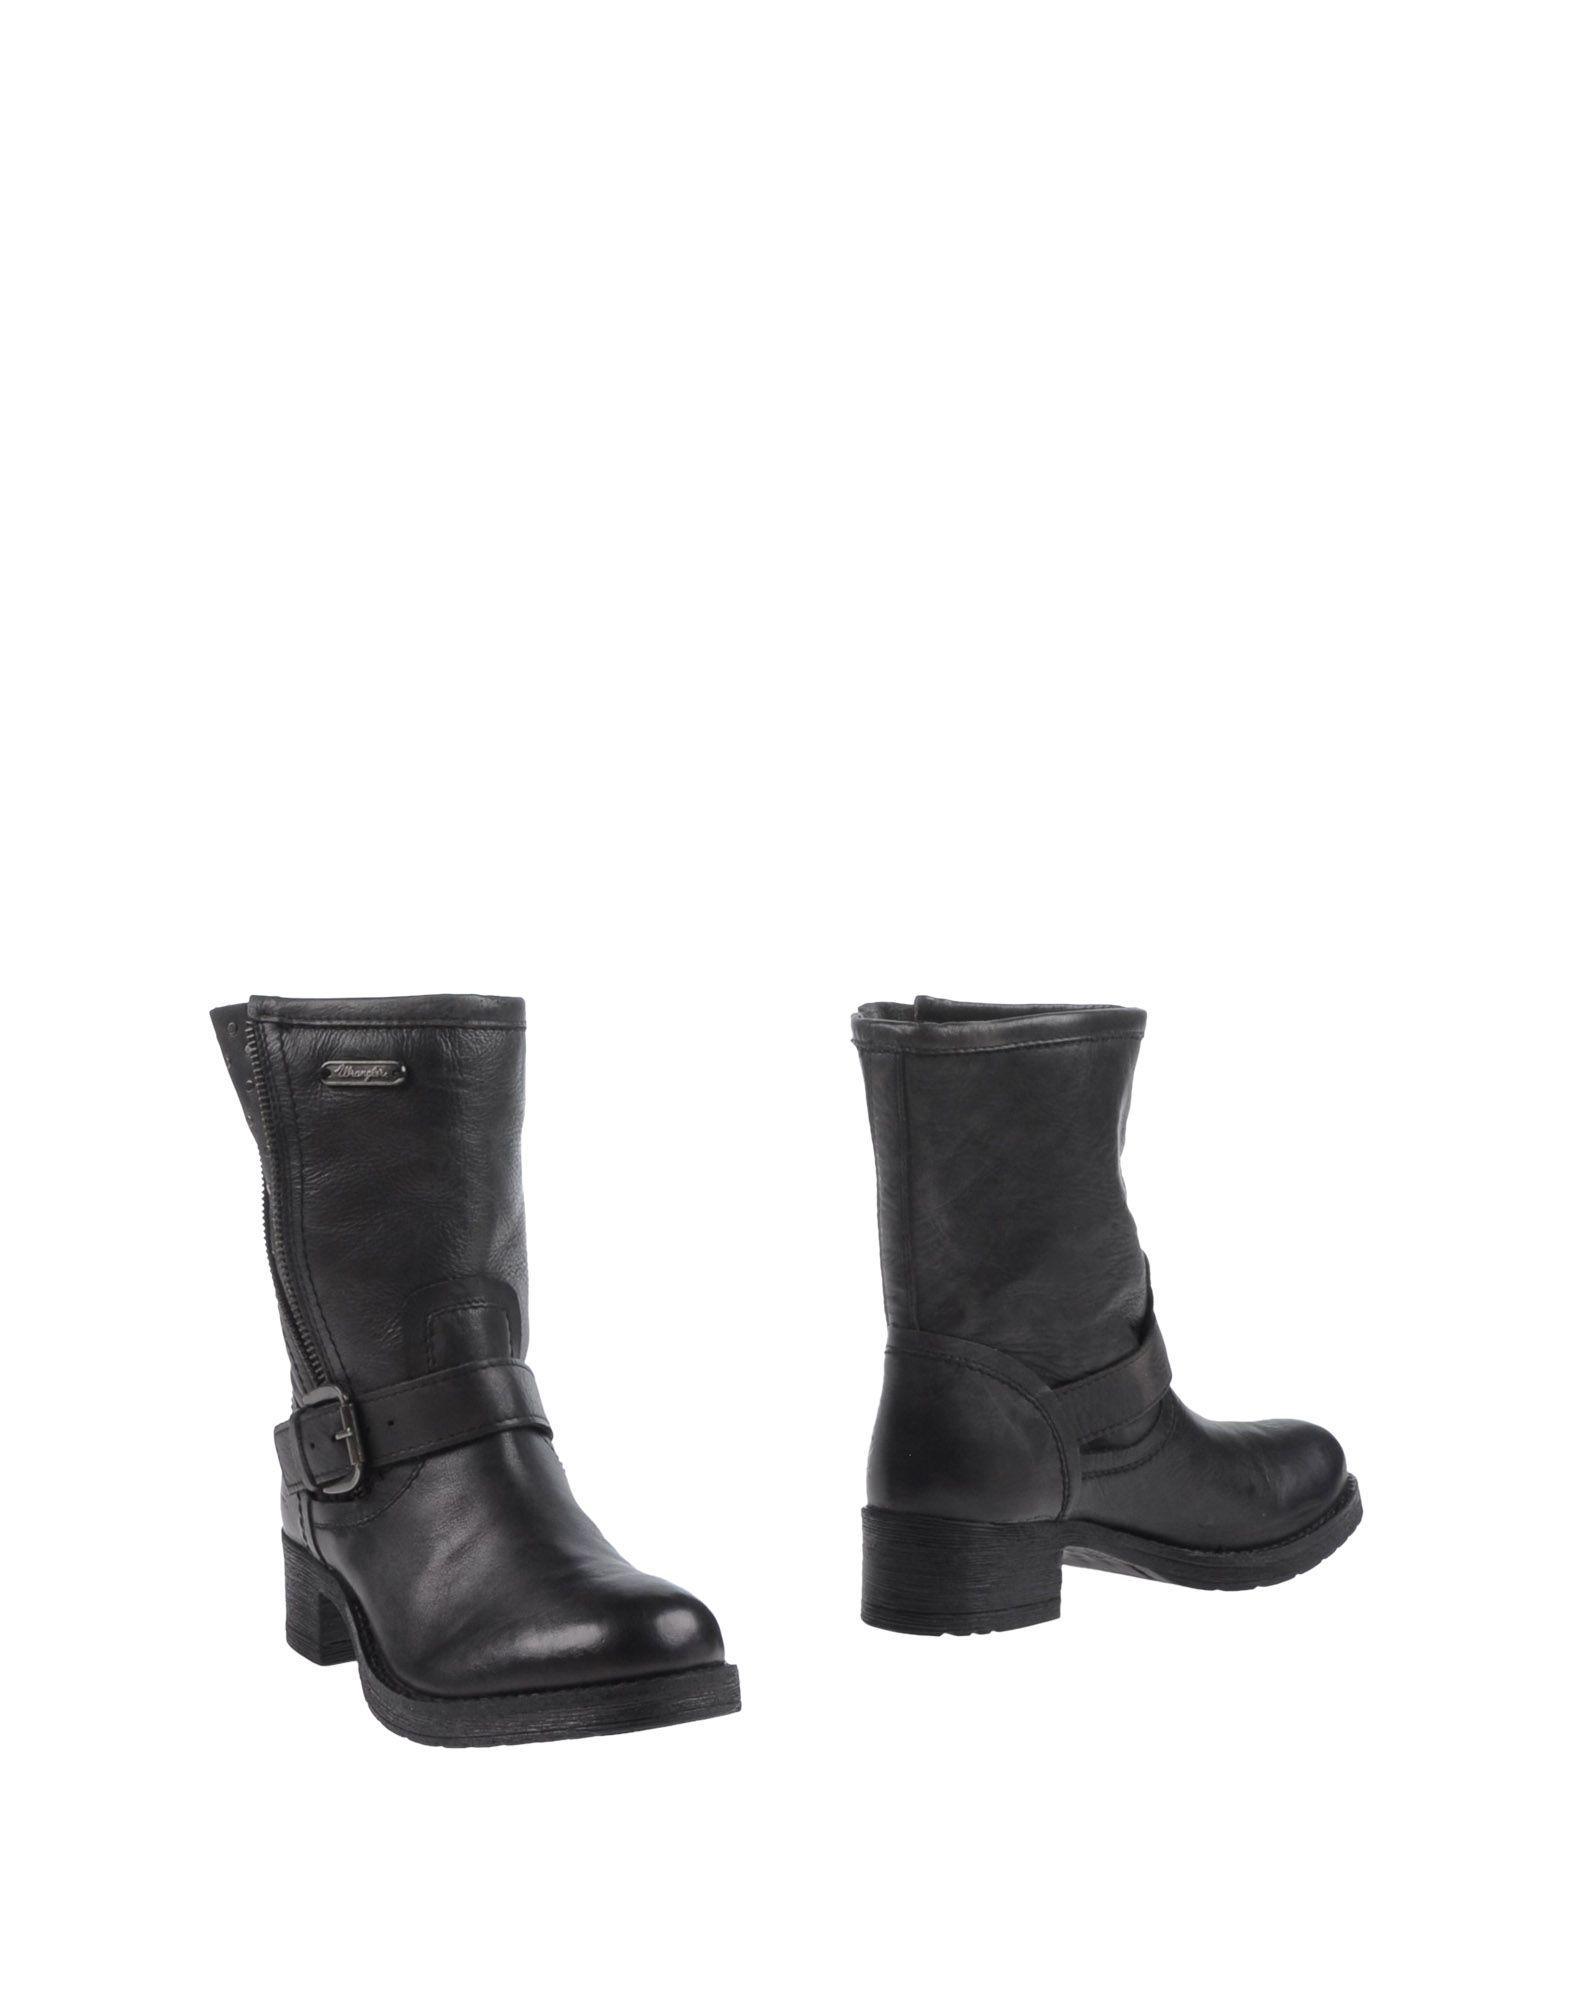 Wrangler Ankle Ankle Boot - Women Wrangler Ankle Ankle Boots online on  Australia - 11038404PC 640cf8